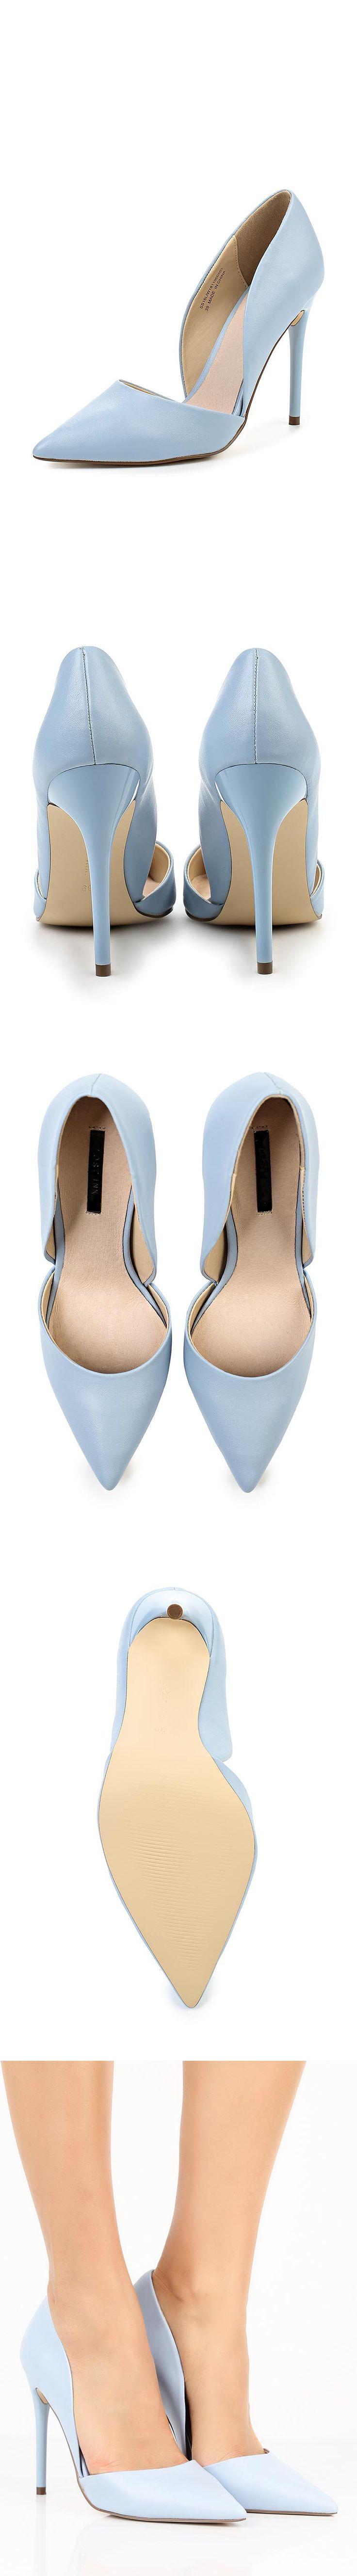 Женская обувь туфли LOST INK за 1640.00 руб.